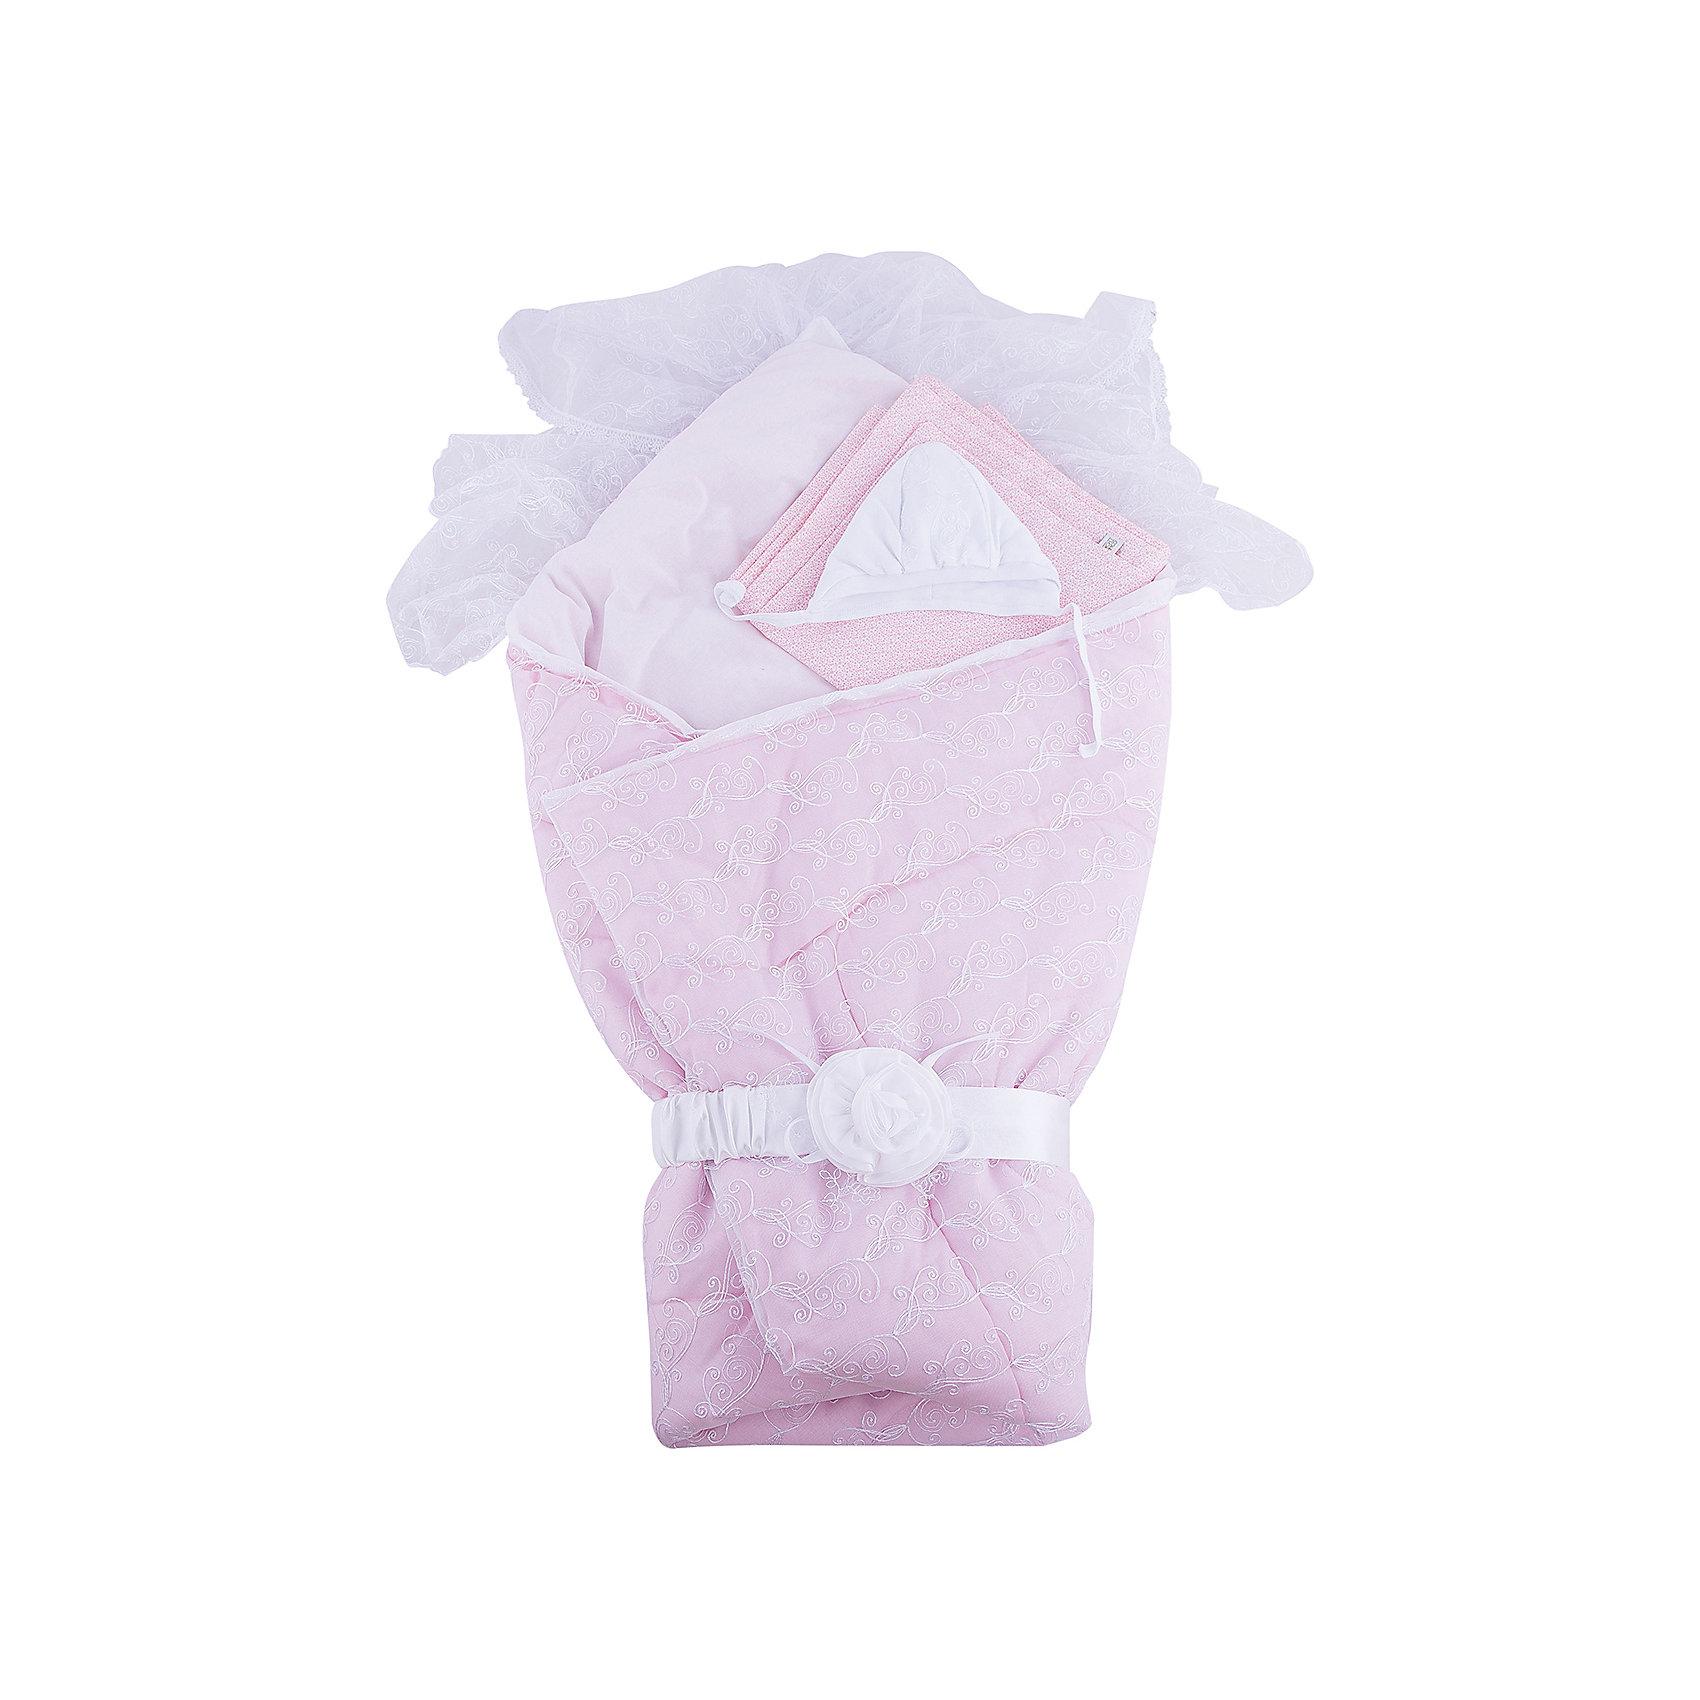 Комплект на выписку Диамант, 1715/2, Сонный Гномик , розовыйКомплектация: Одеяло стеганое кашемир (наполнитель 60% кашемир, 40% пэ 200г/кв.м.), пододеяльник кружевной с вуалью и кружевом (100% ПЭ), сменный пододеяльник из сатина (100% хлопок), утепленная шапочка с кружевной отделкой (100% хлопок, наполнитель 100% ПЭ, 100г/кв.м), пояс на резинке (100% ПЭ)<br>Размер, см: 105х105<br>Температурный режим, °С: От 10 до -10<br>Сезонность: Зима, весна, осень<br><br>Ширина мм: 45<br>Глубина мм: 10<br>Высота мм: 60<br>Вес г: 700<br>Возраст от месяцев: 0<br>Возраст до месяцев: 36<br>Пол: Унисекс<br>Возраст: Детский<br>SKU: 5454111